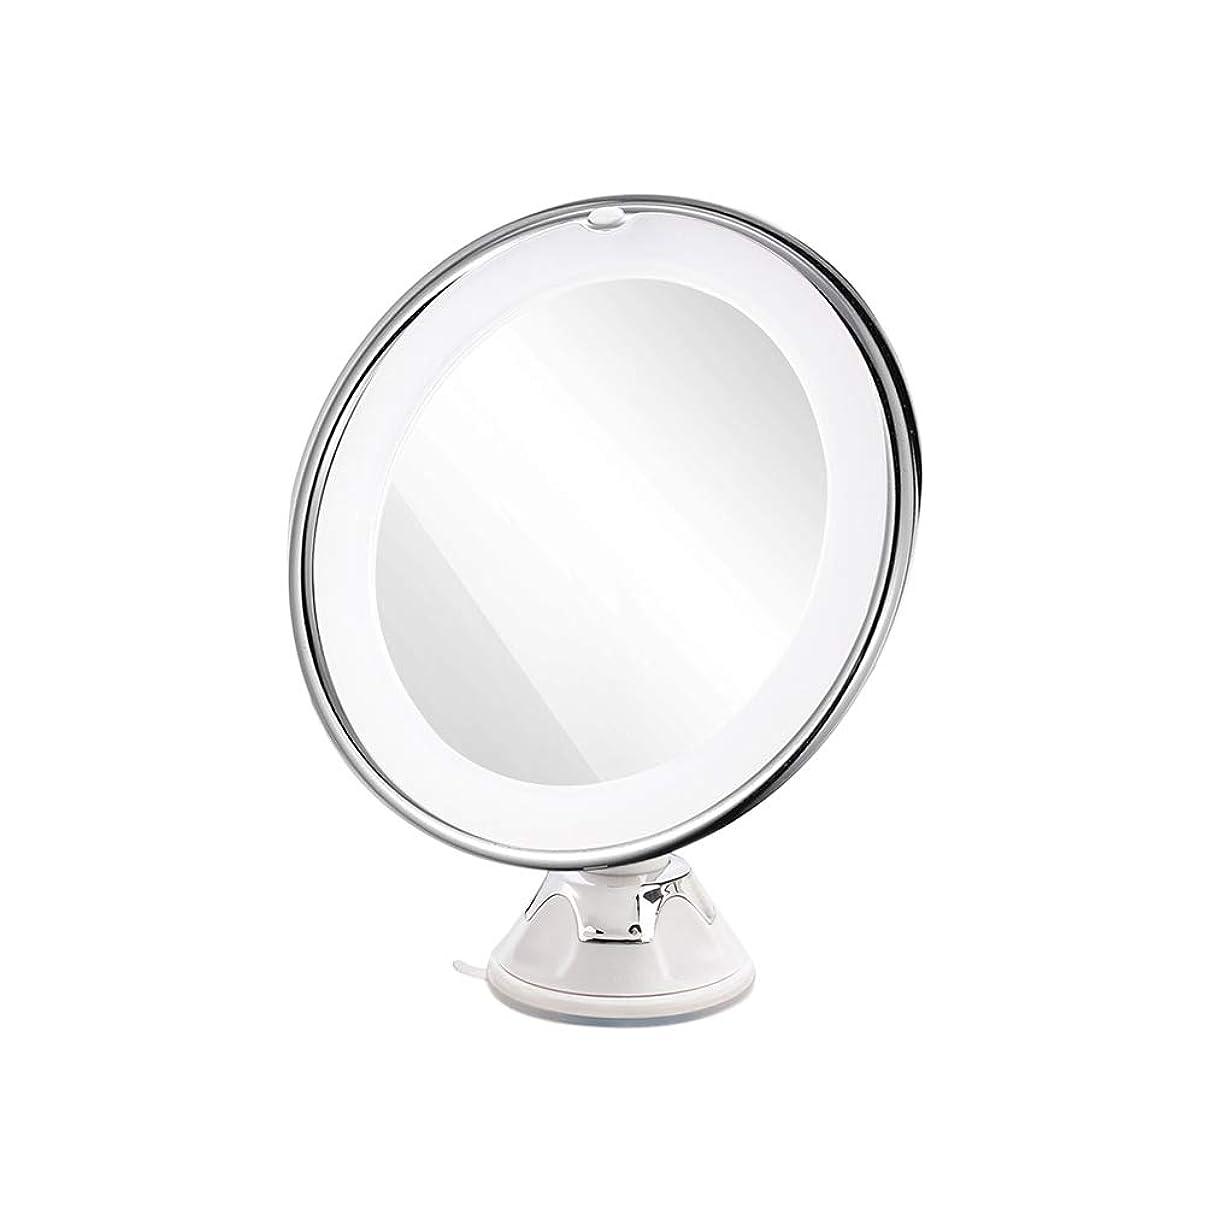 頼む大脳終点Frcolor 化粧鏡 LED 7倍拡大鏡 浴室鏡 卓上ミラー 吸盤ロック付き スタンド/壁掛け両用 360度回転 スタンドミラー(ホワイト)